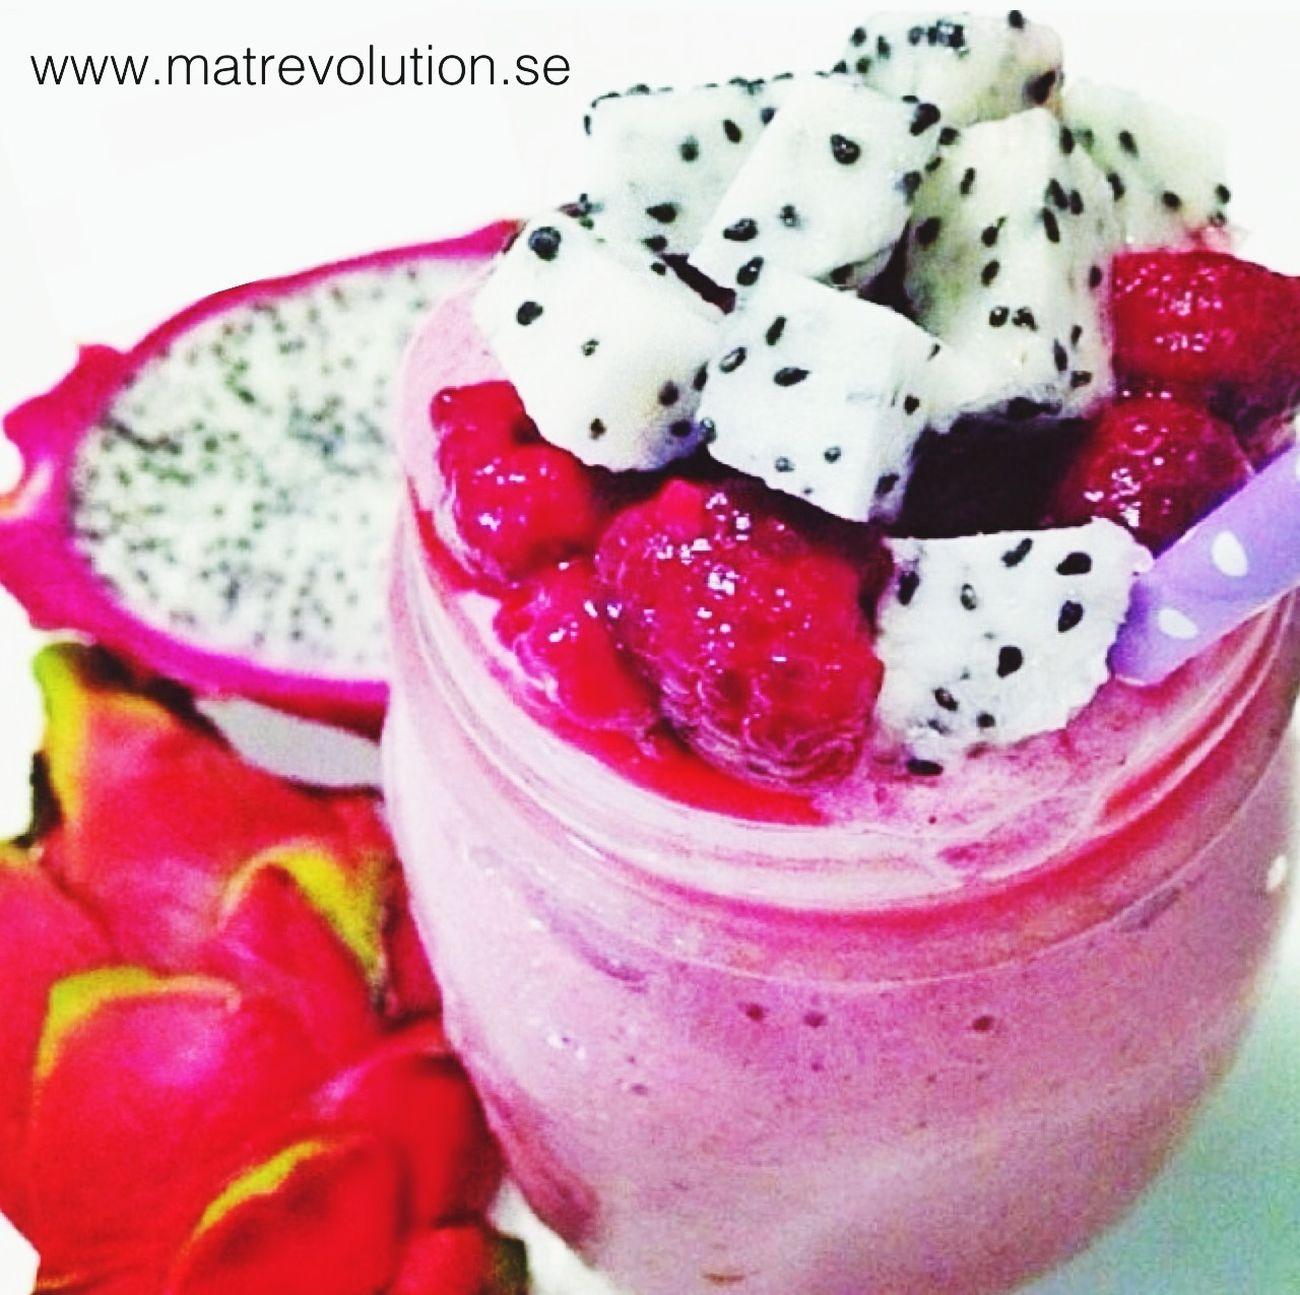 www.matrevolution.se är den perfekta hemsidan för allt inom mathantverk! Matrevolution